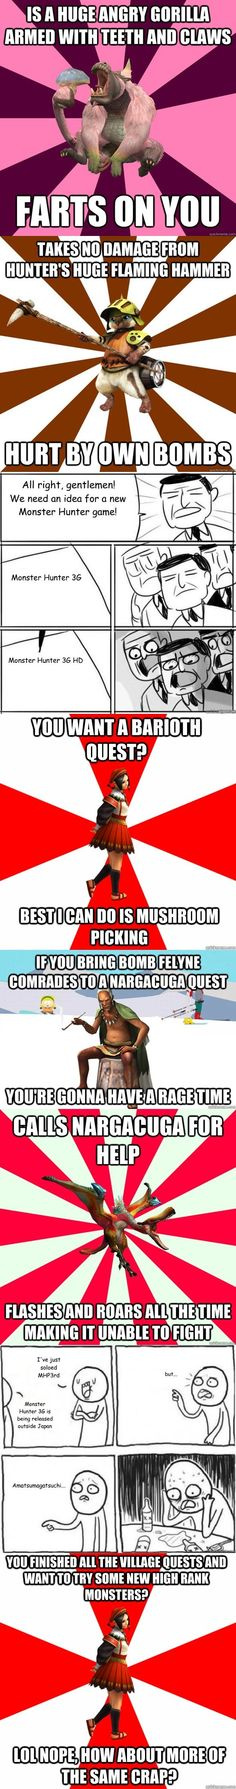 Monster Hunter Meme Comp of truth.